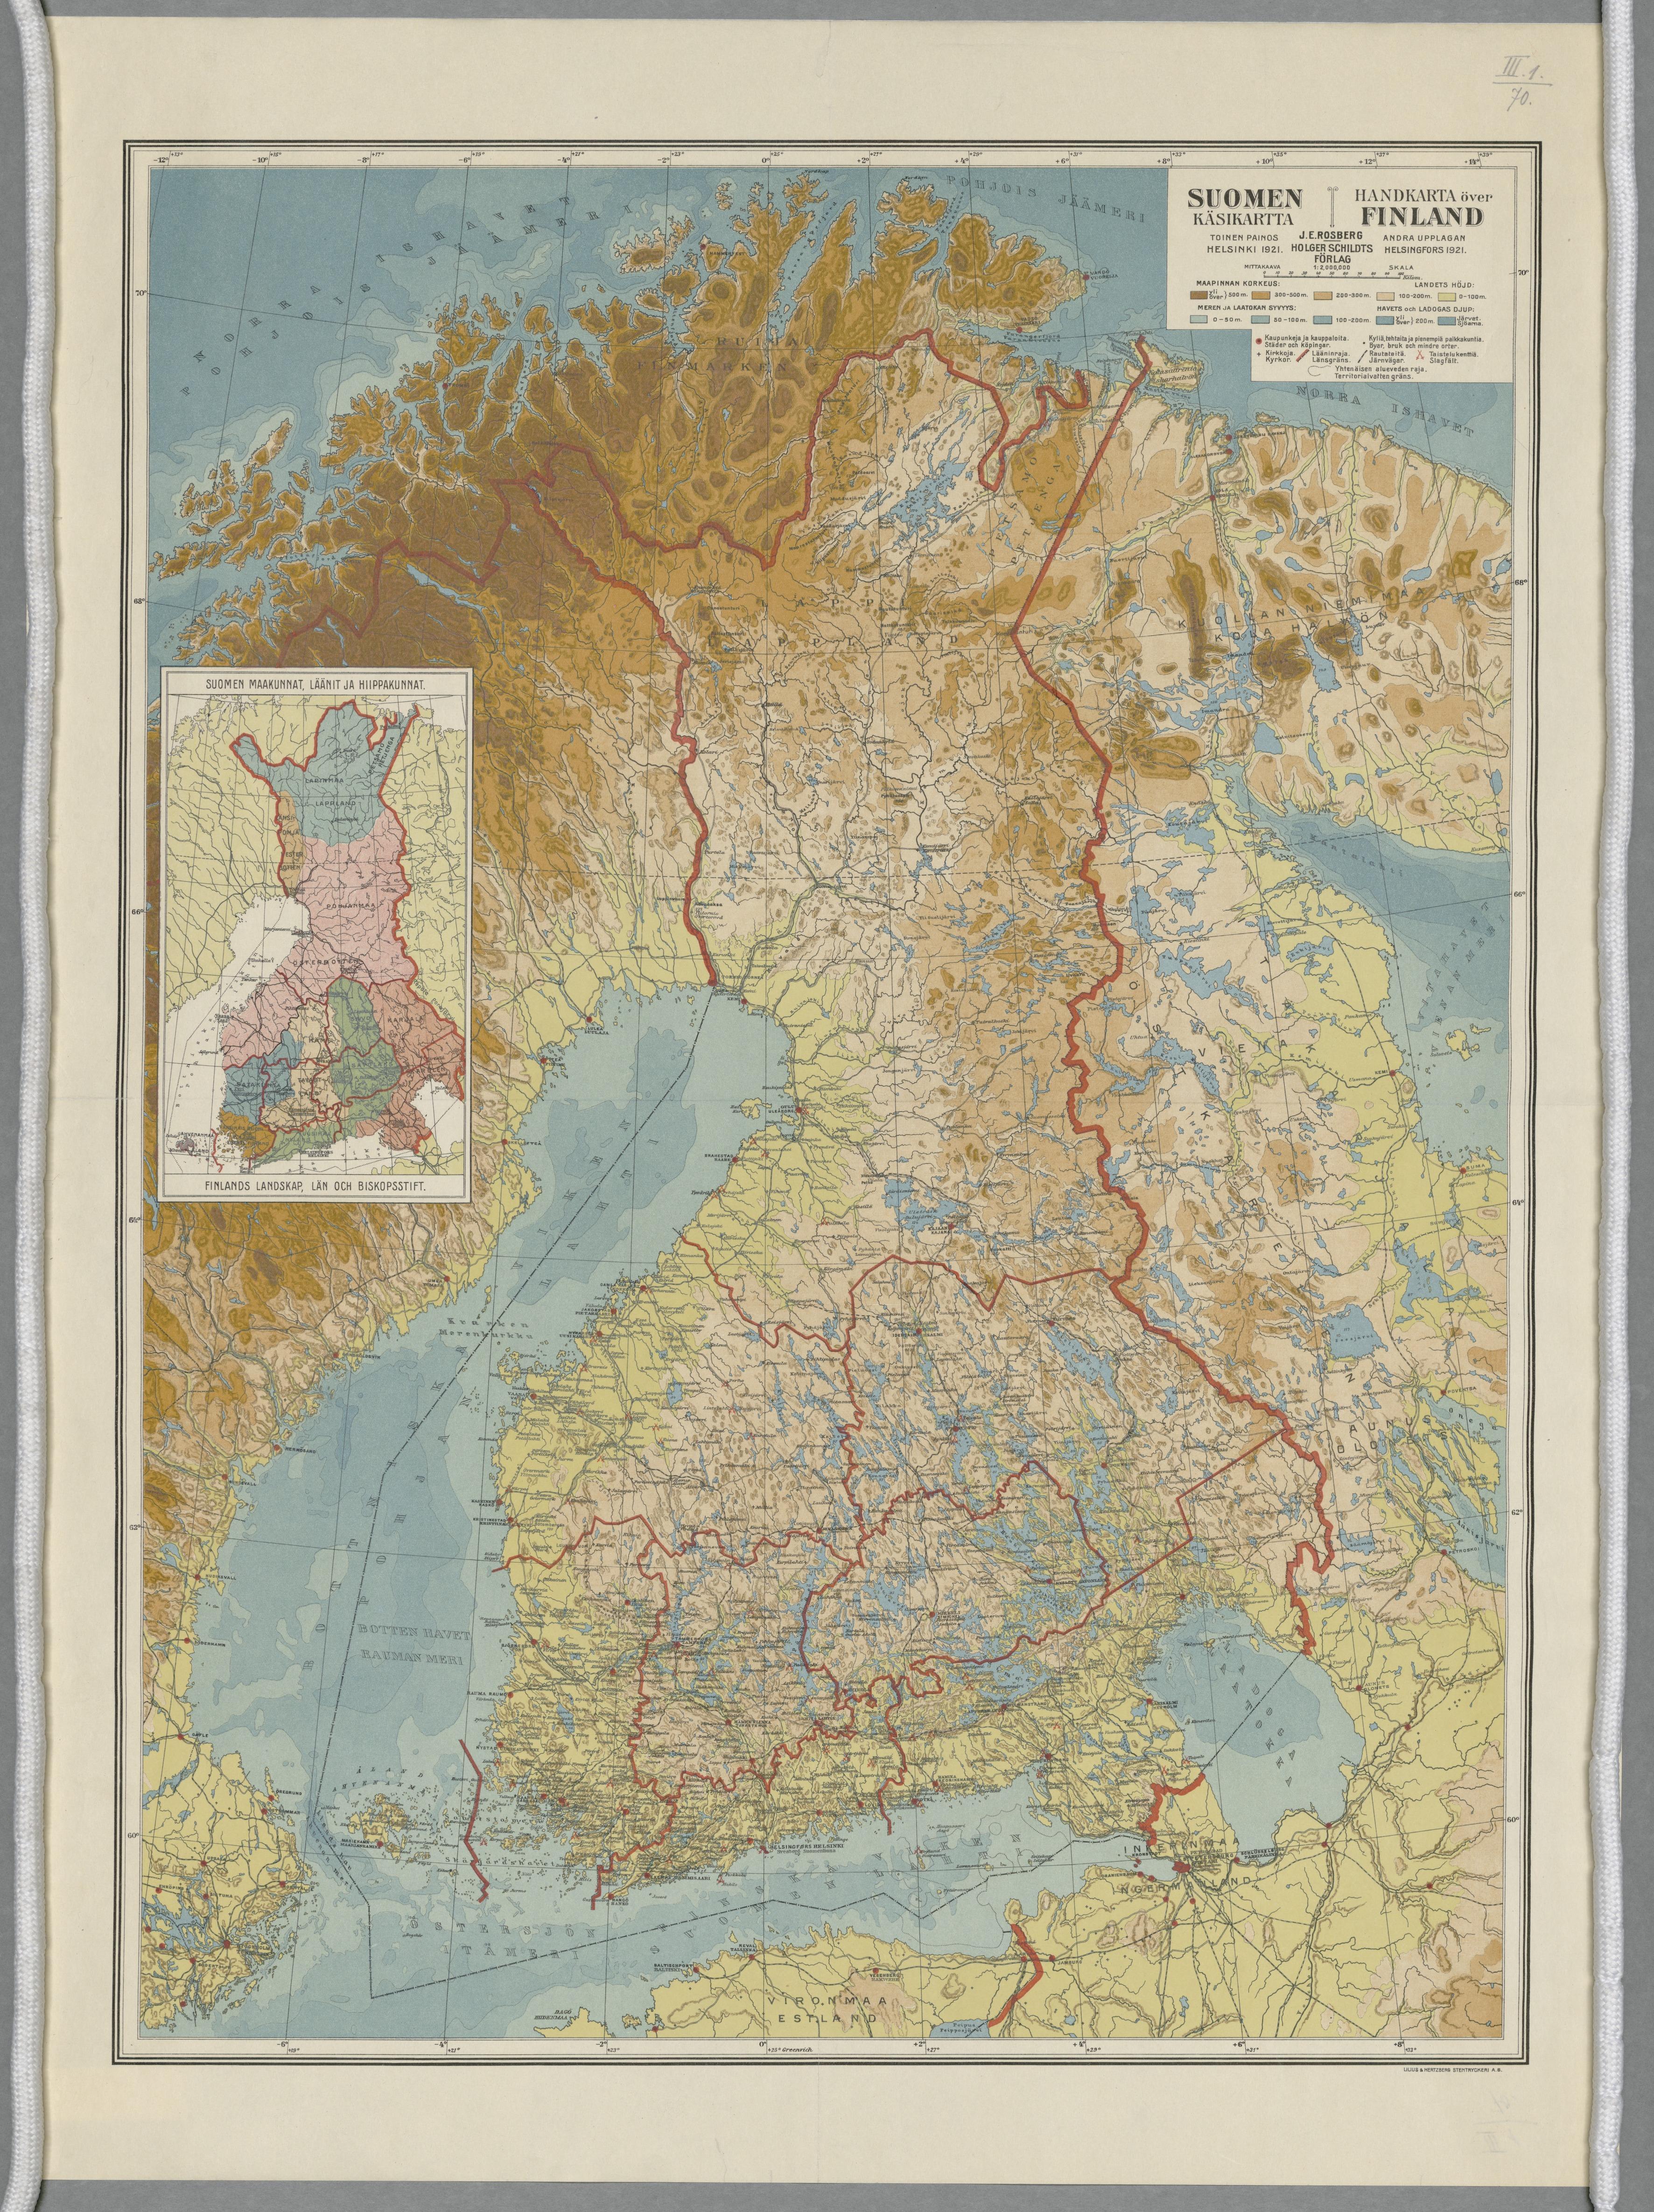 Venajan Ilmavoimille Lentokielto Alkuperaisten Merirajojemme 1920